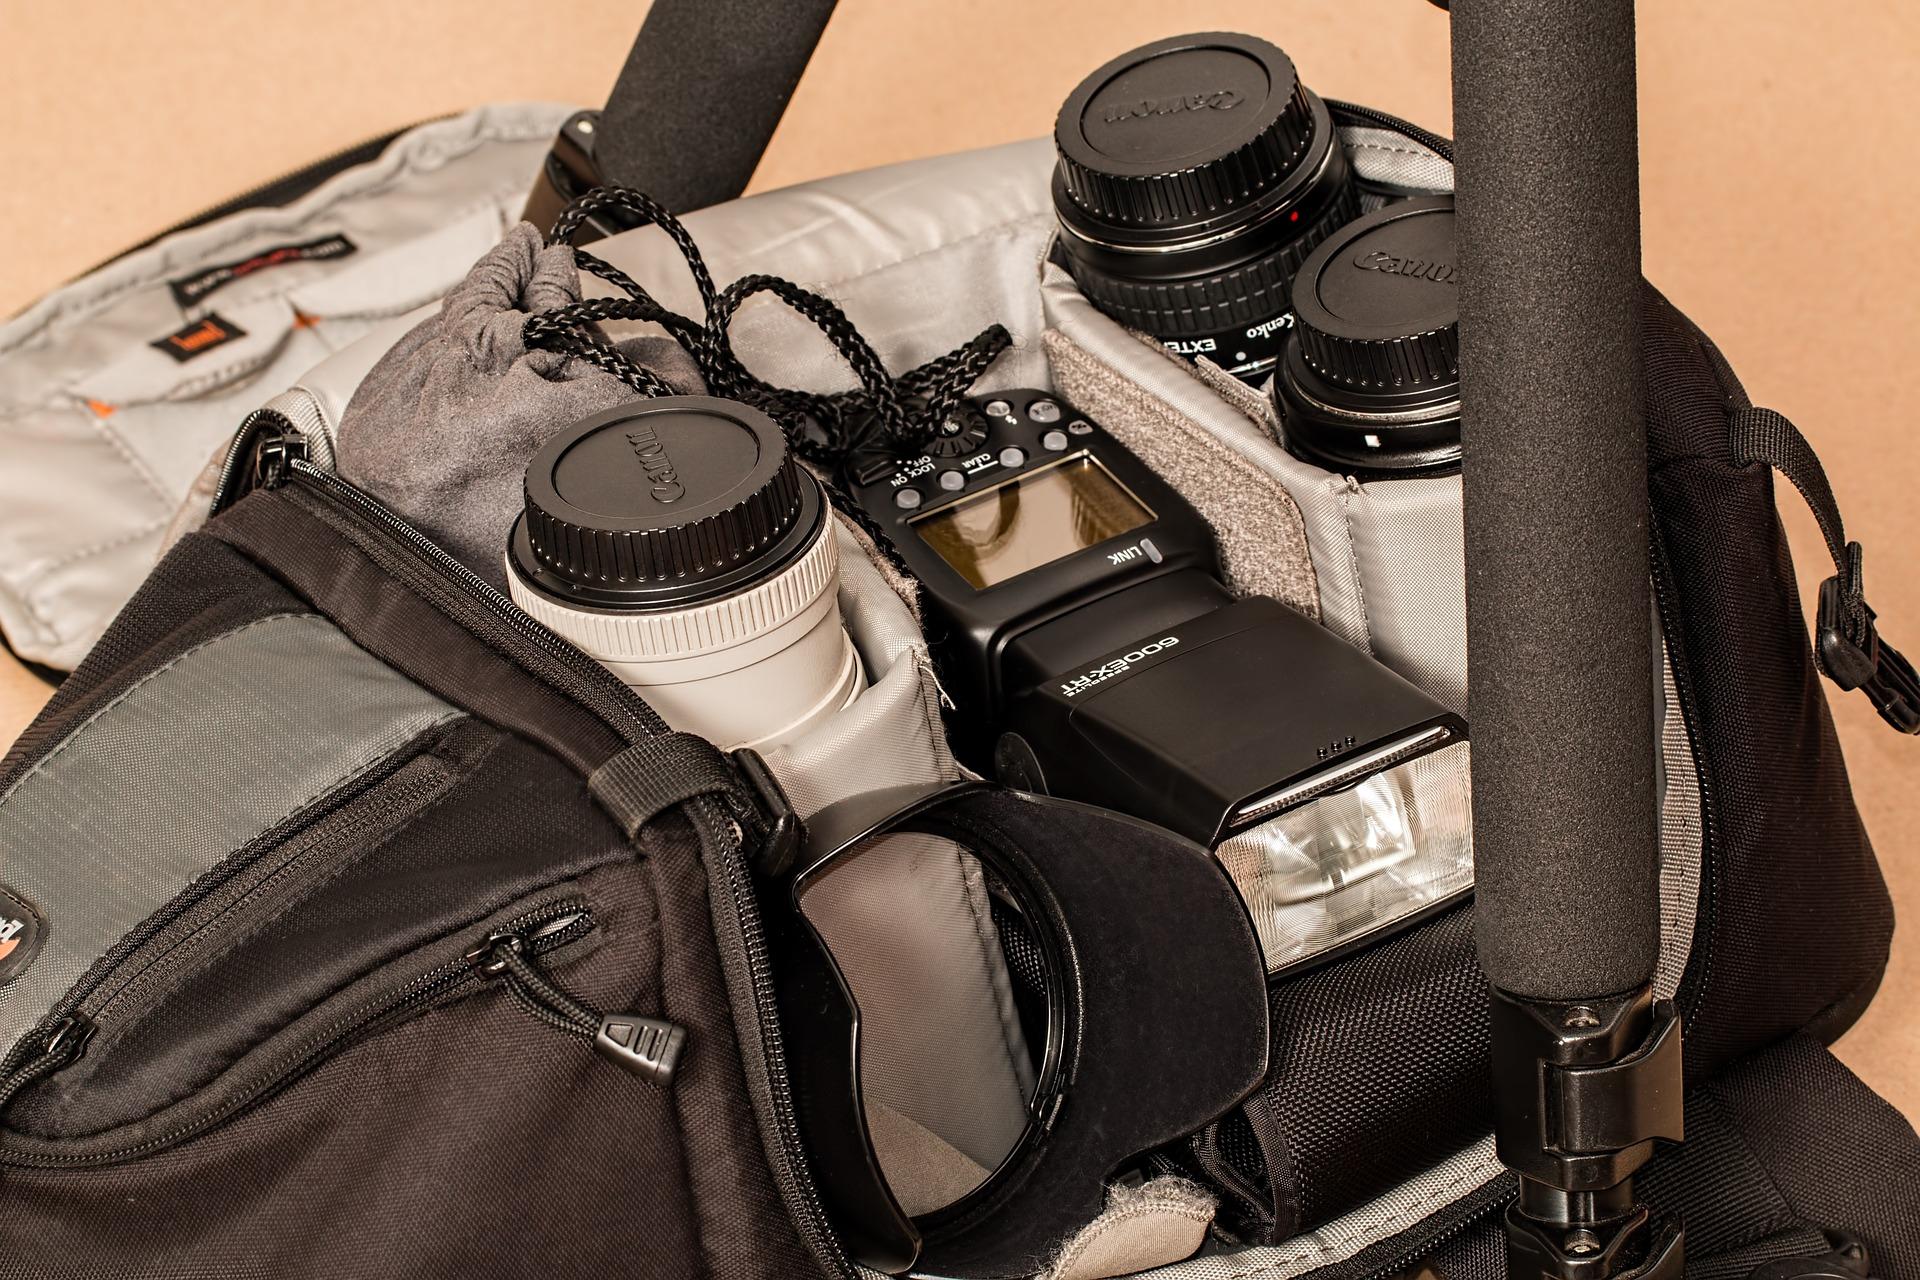 Photograpy, wedding photograohy gear canon